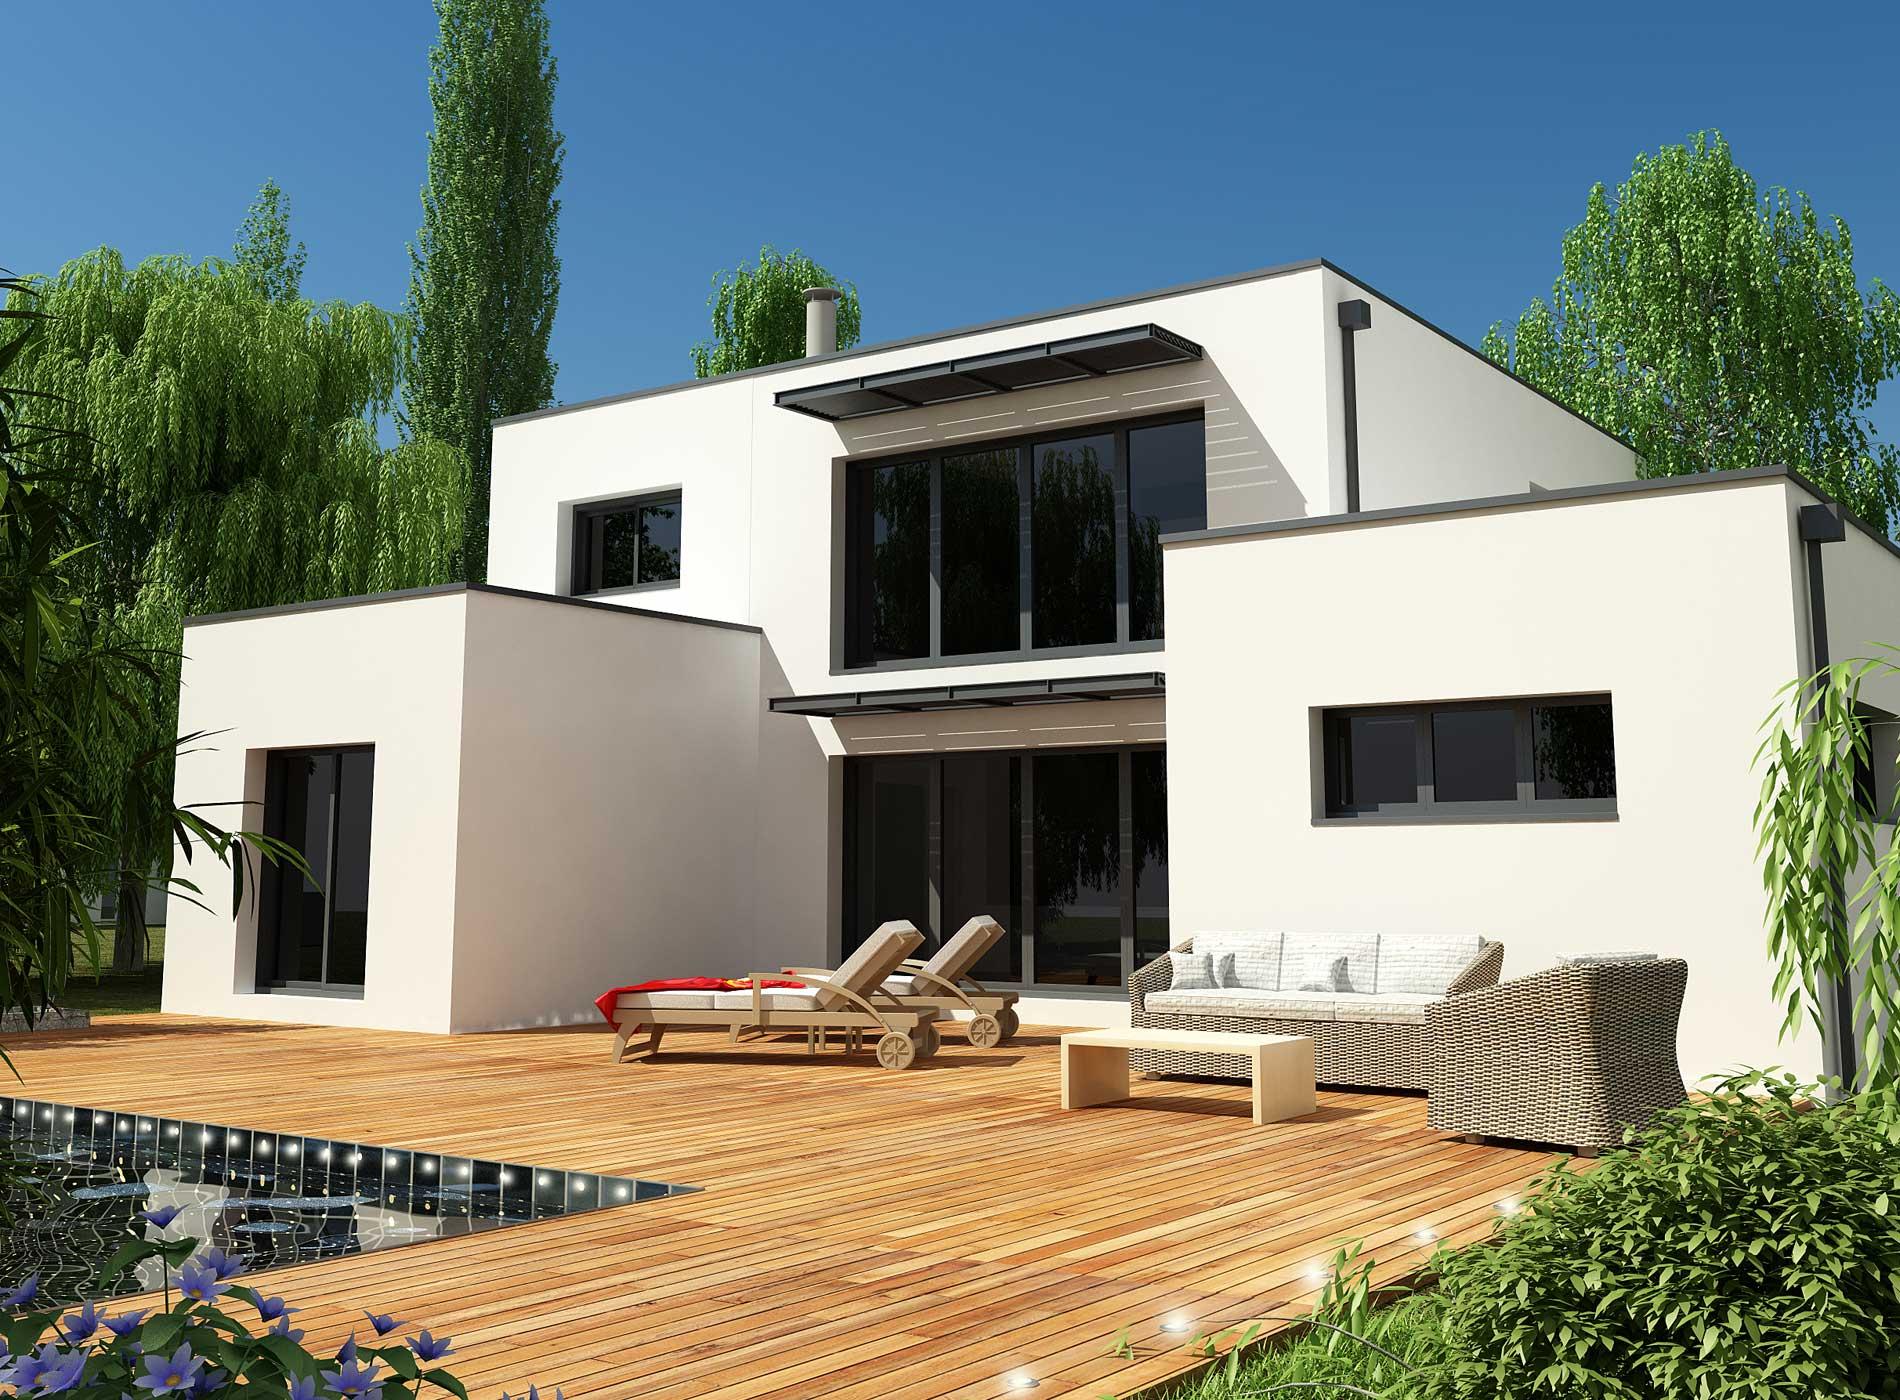 Constructeur Maison Pays Basque Prix Idées Décoration Idées